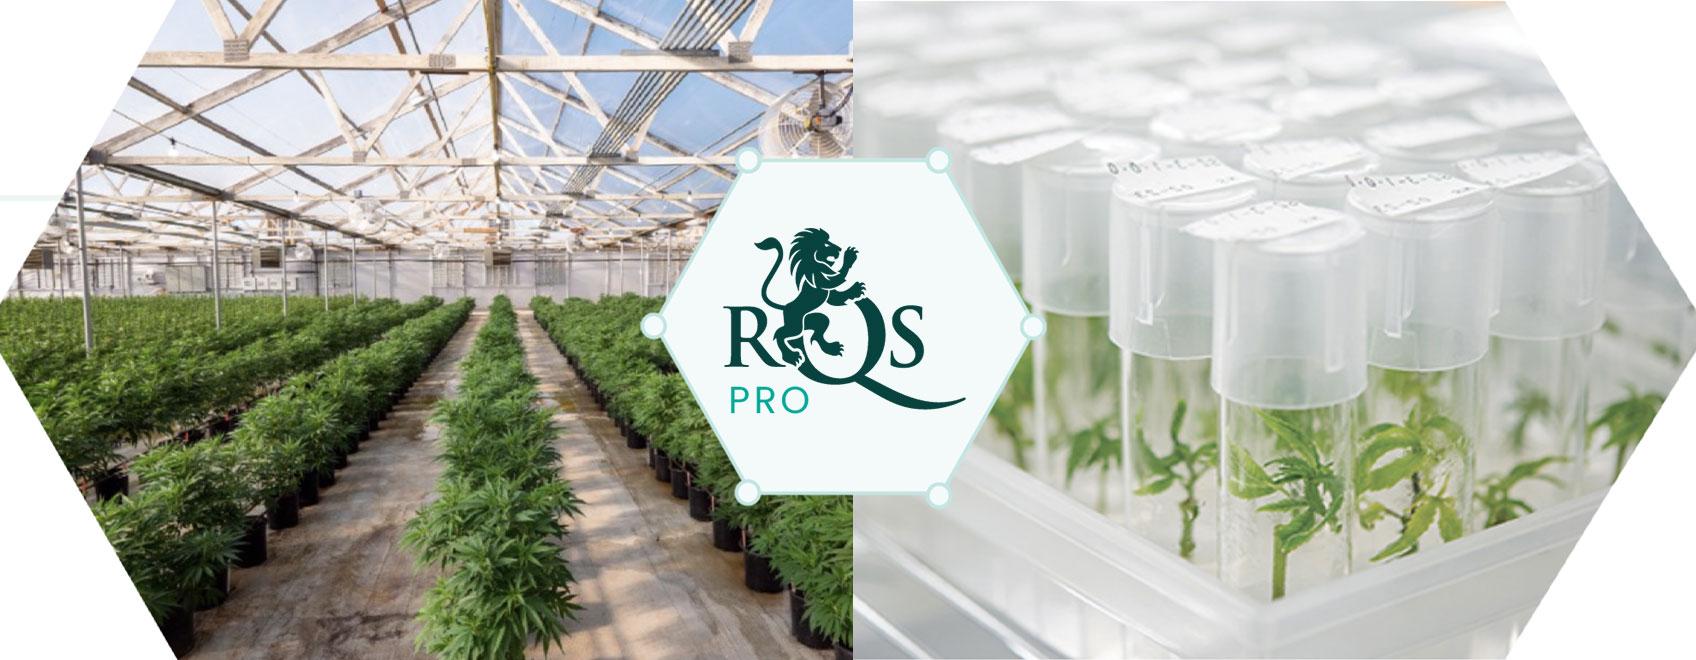 RQS Pro: Πρωτοπόρος Στην Καινοτομία Και Την Έρευνα Στον Τομέα Της Κάνναβης